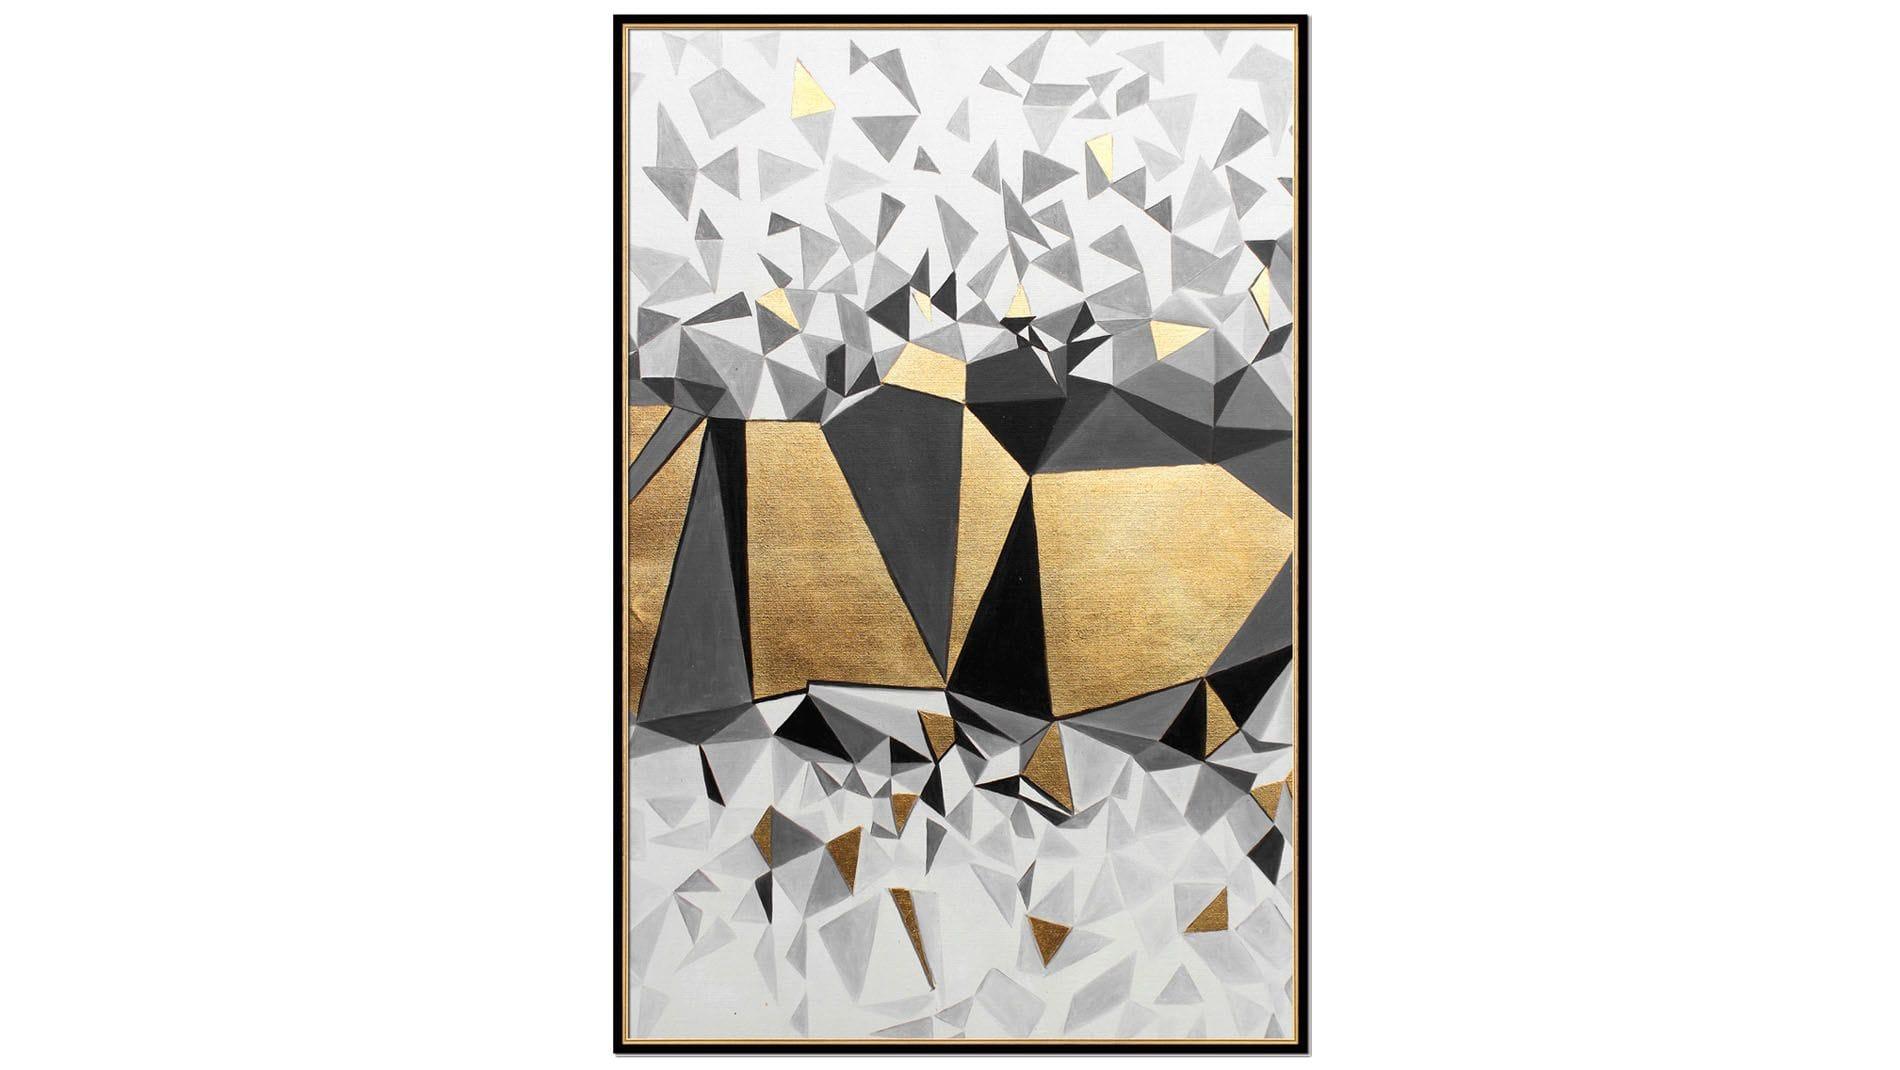 Постер на стену Кубическая абстракция-1 60х80 см